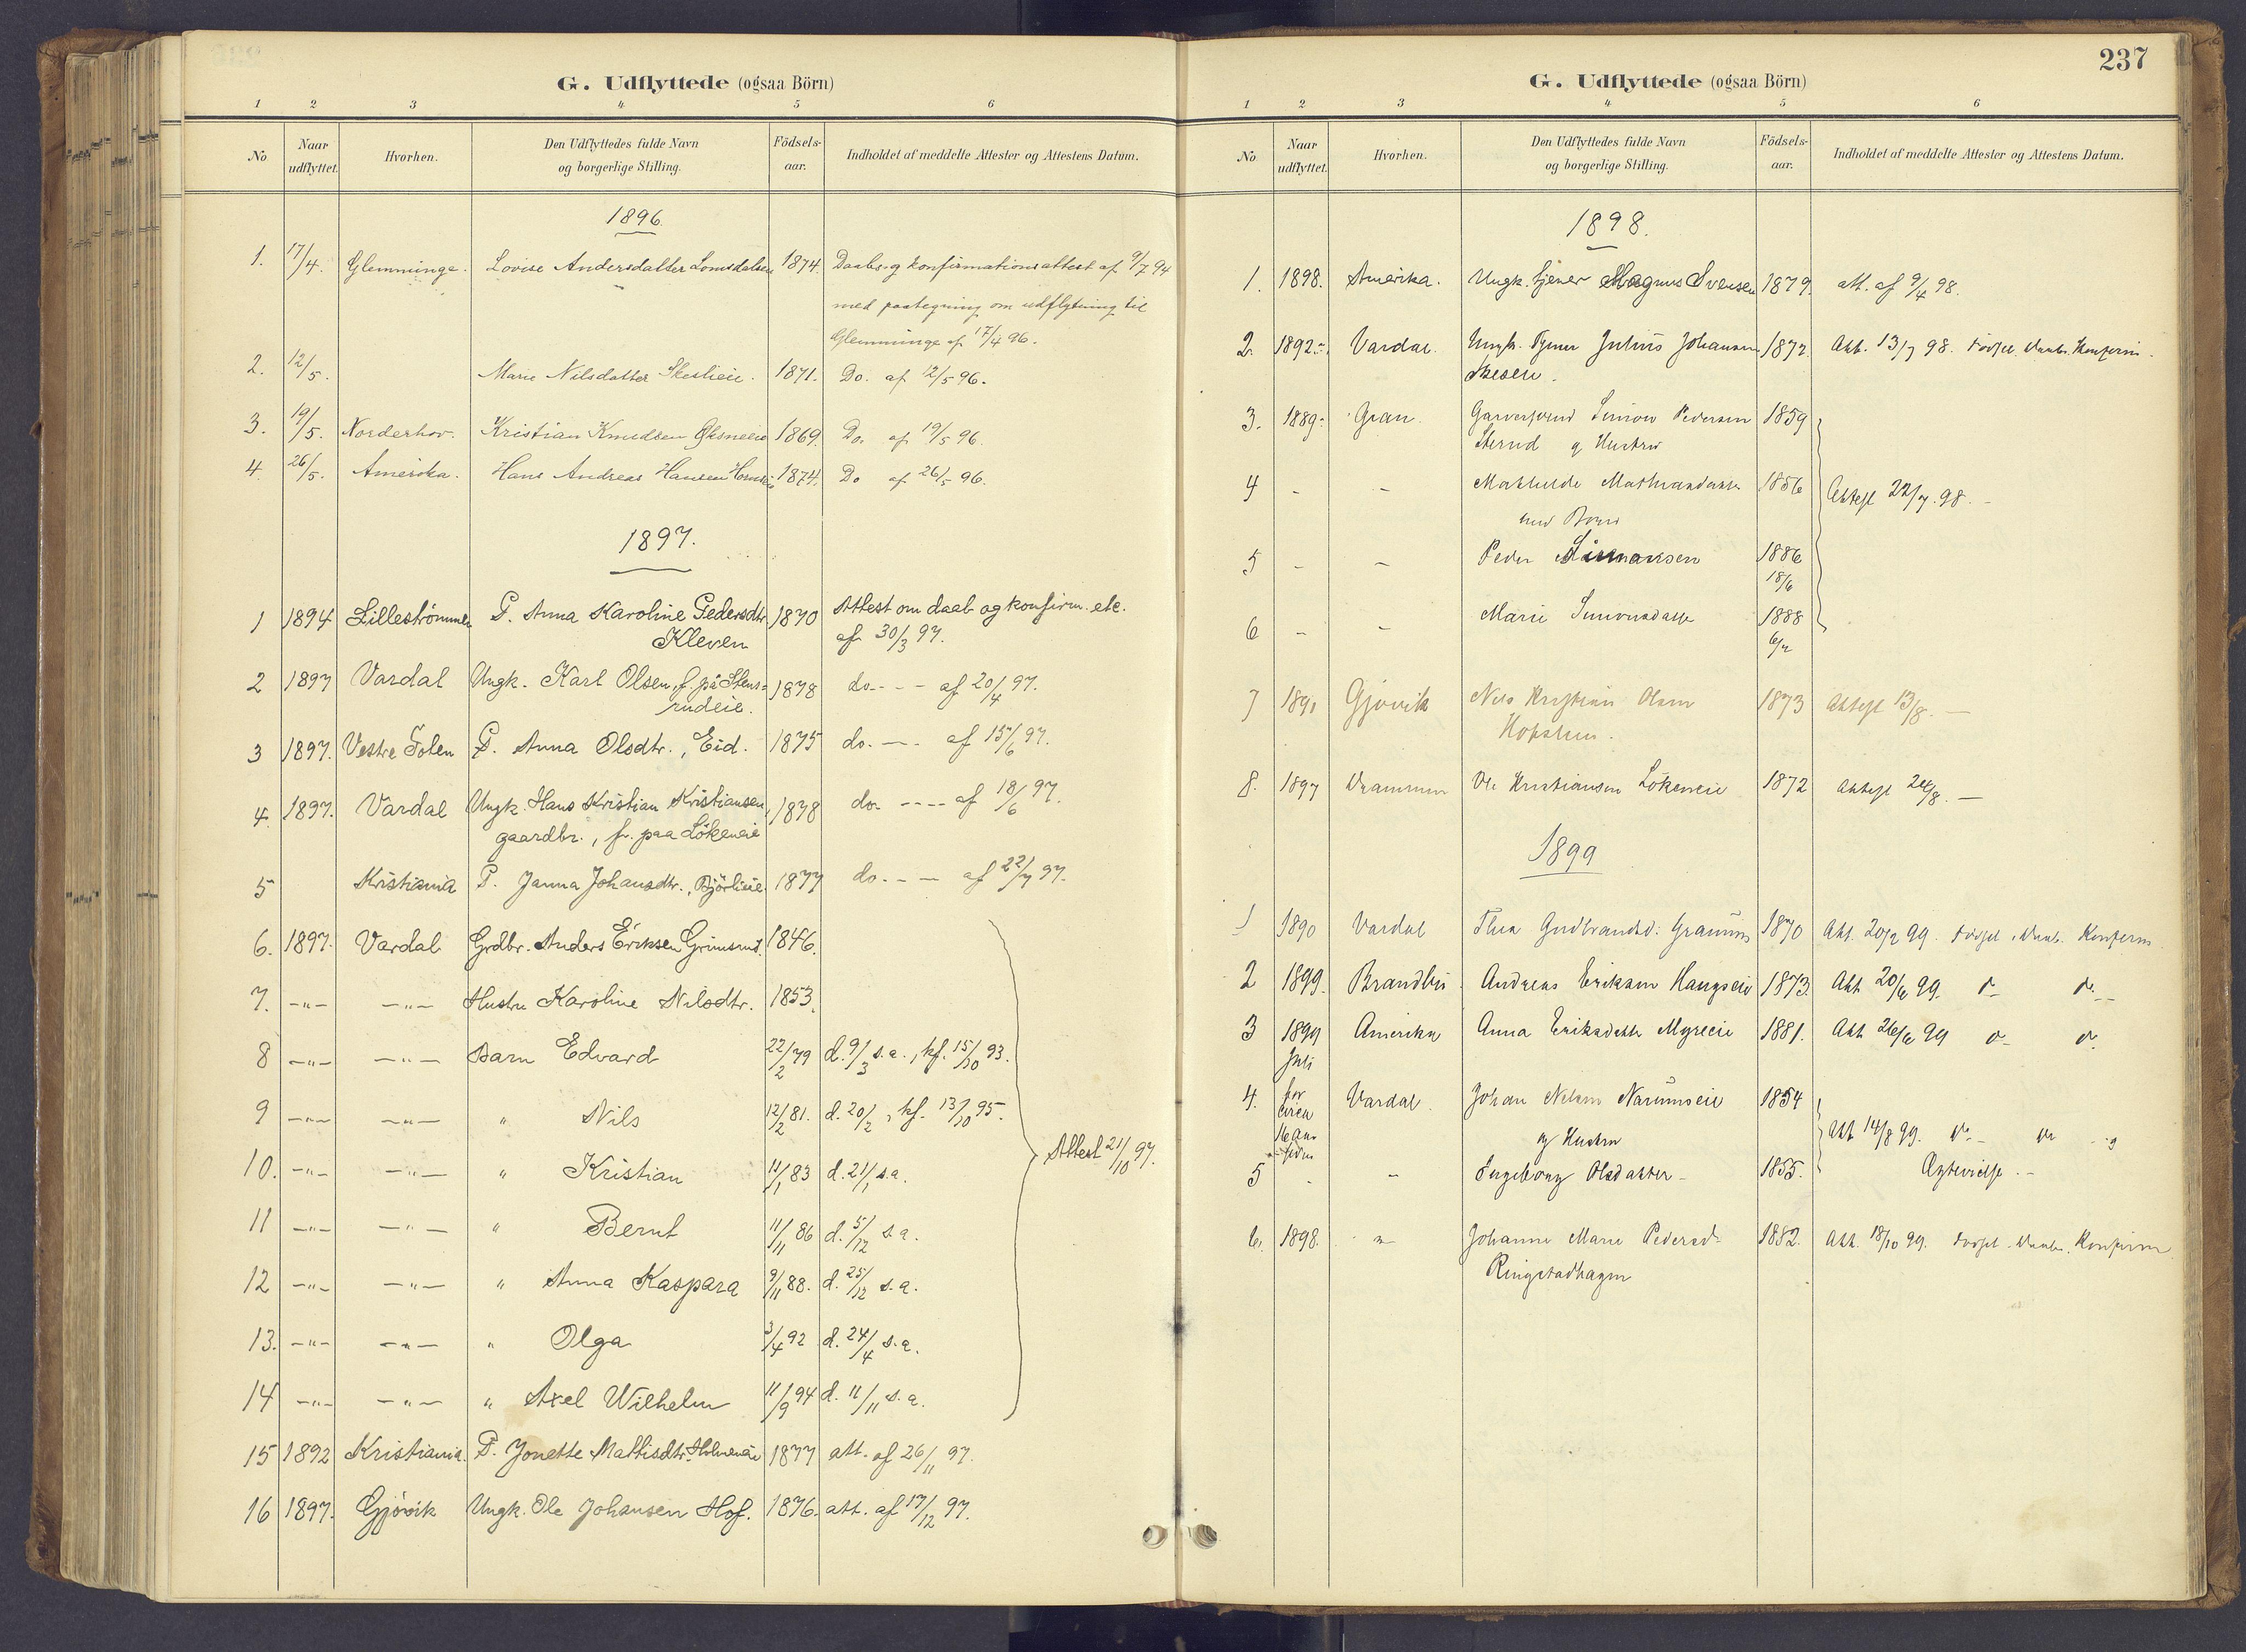 SAH, Søndre Land prestekontor, K/L0006: Ministerialbok nr. 6, 1895-1904, s. 237